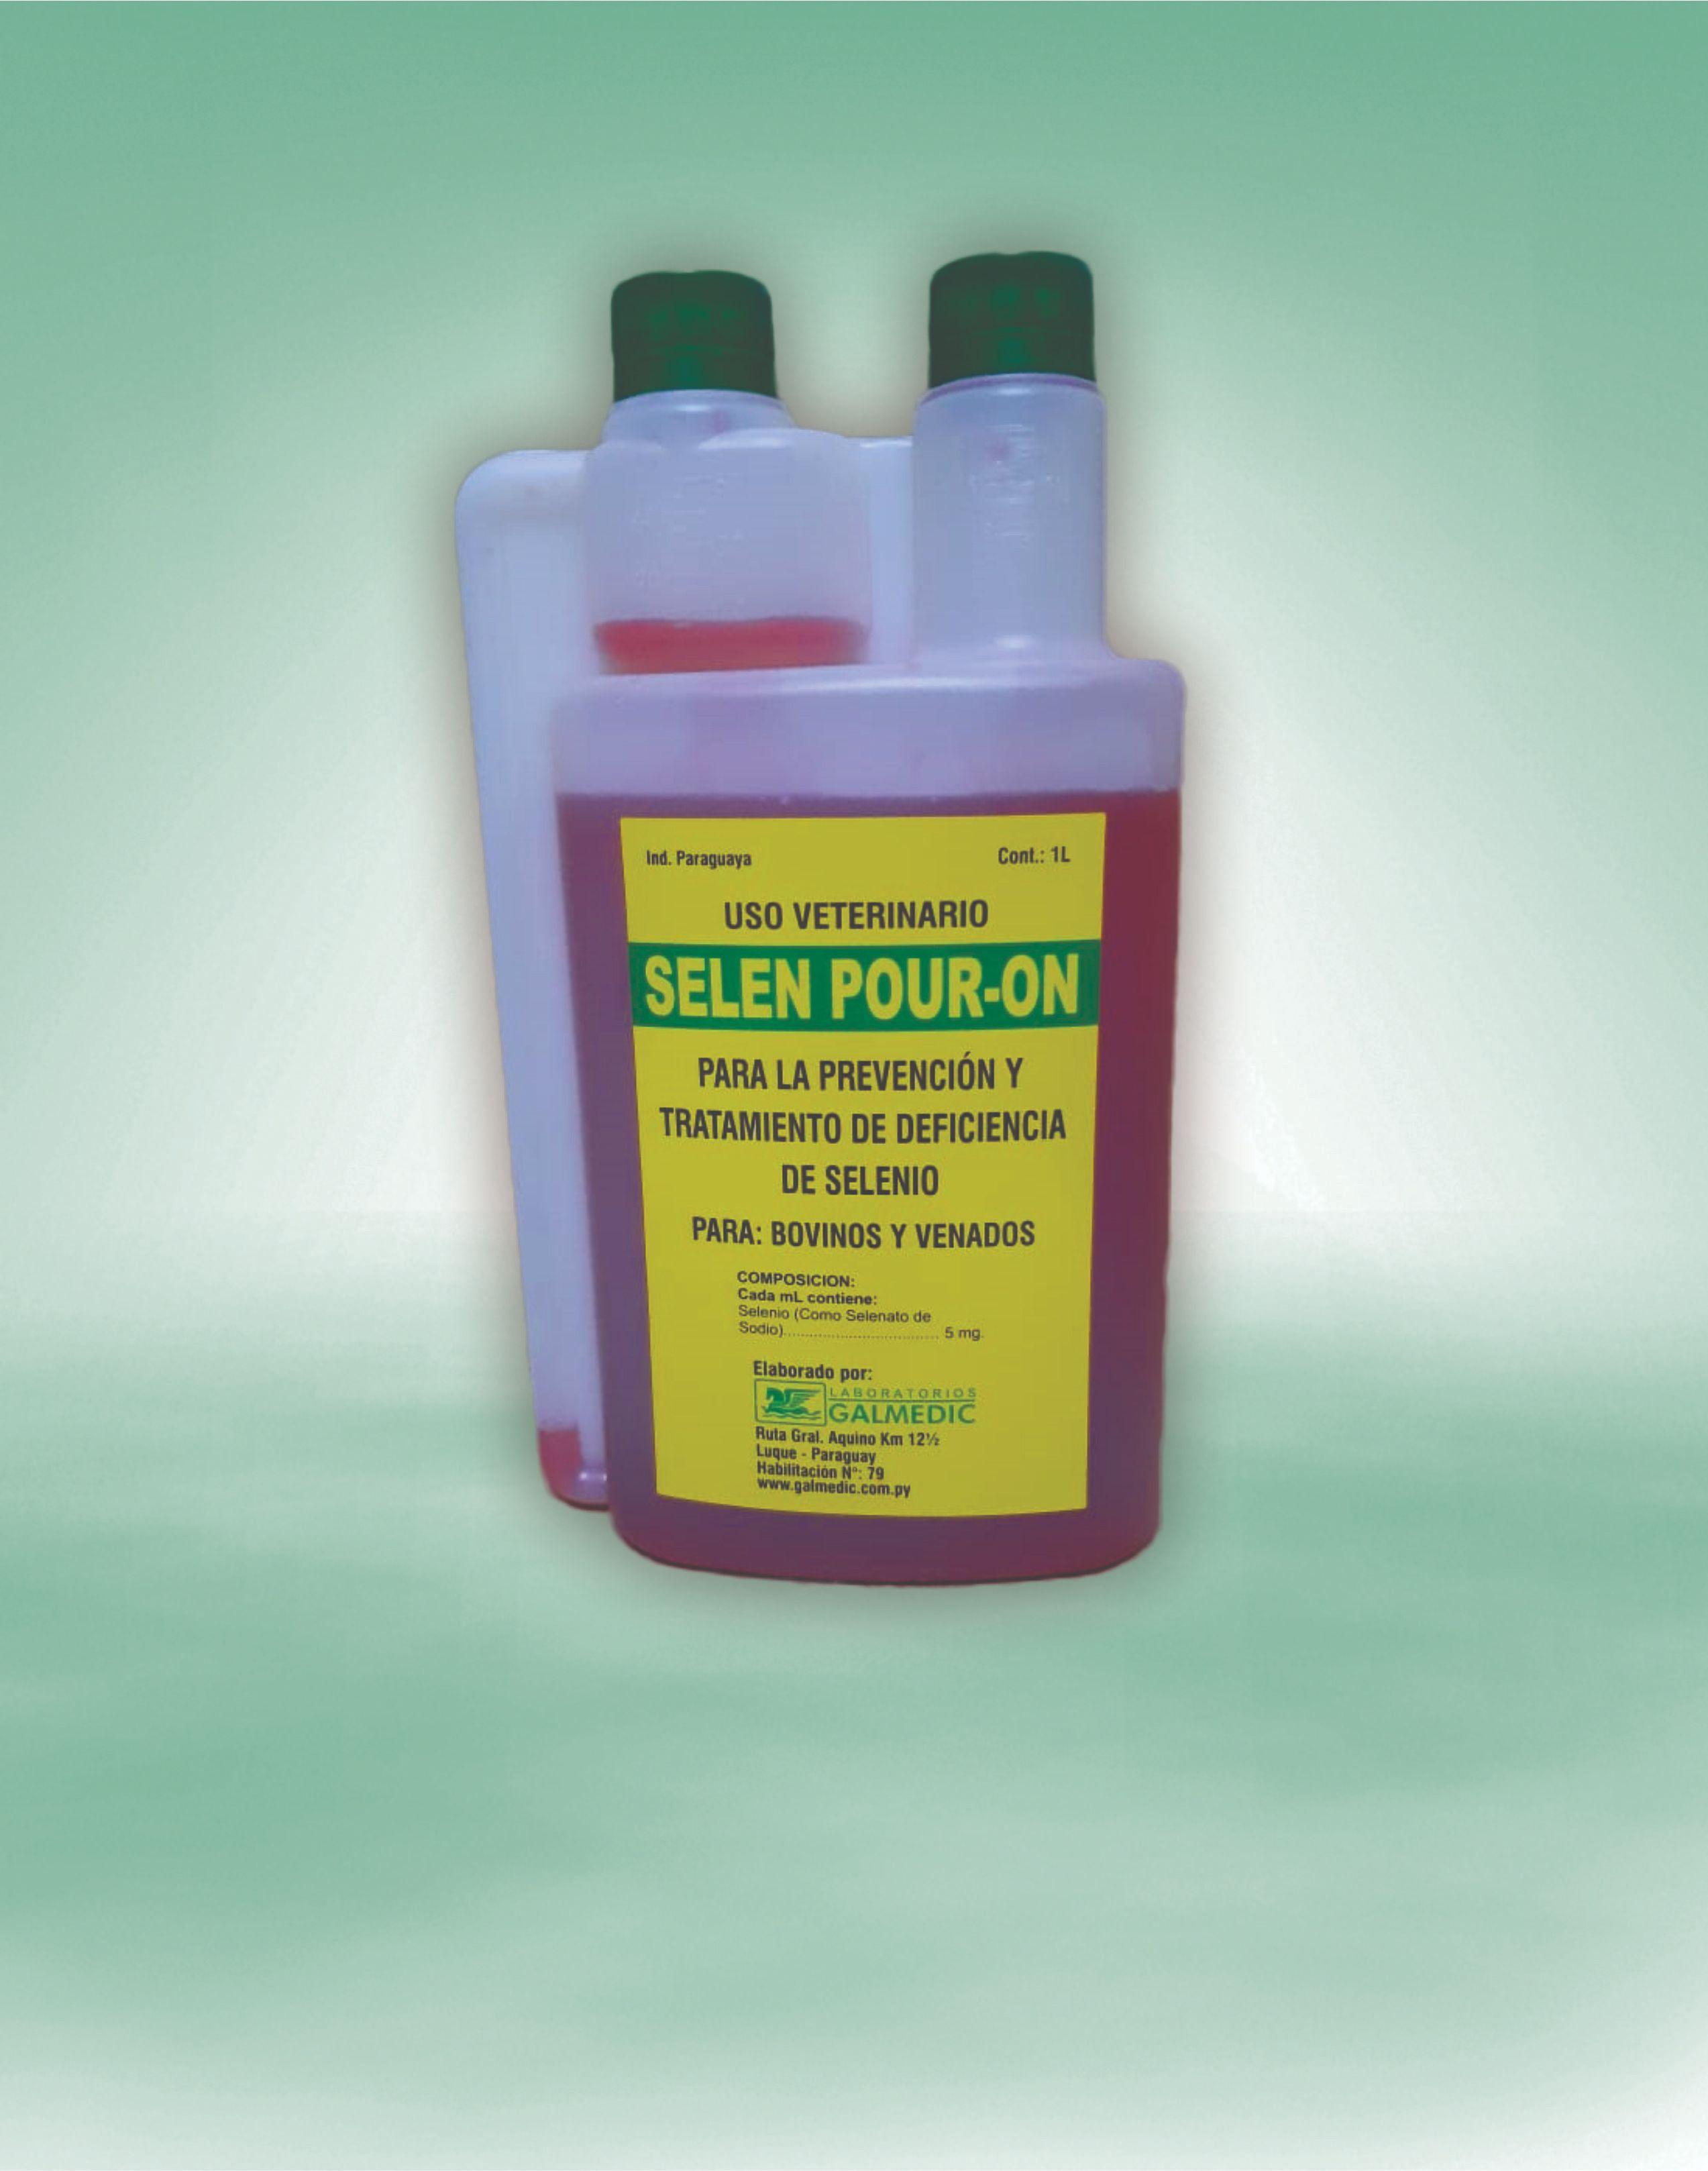 SELEN POUR-ON